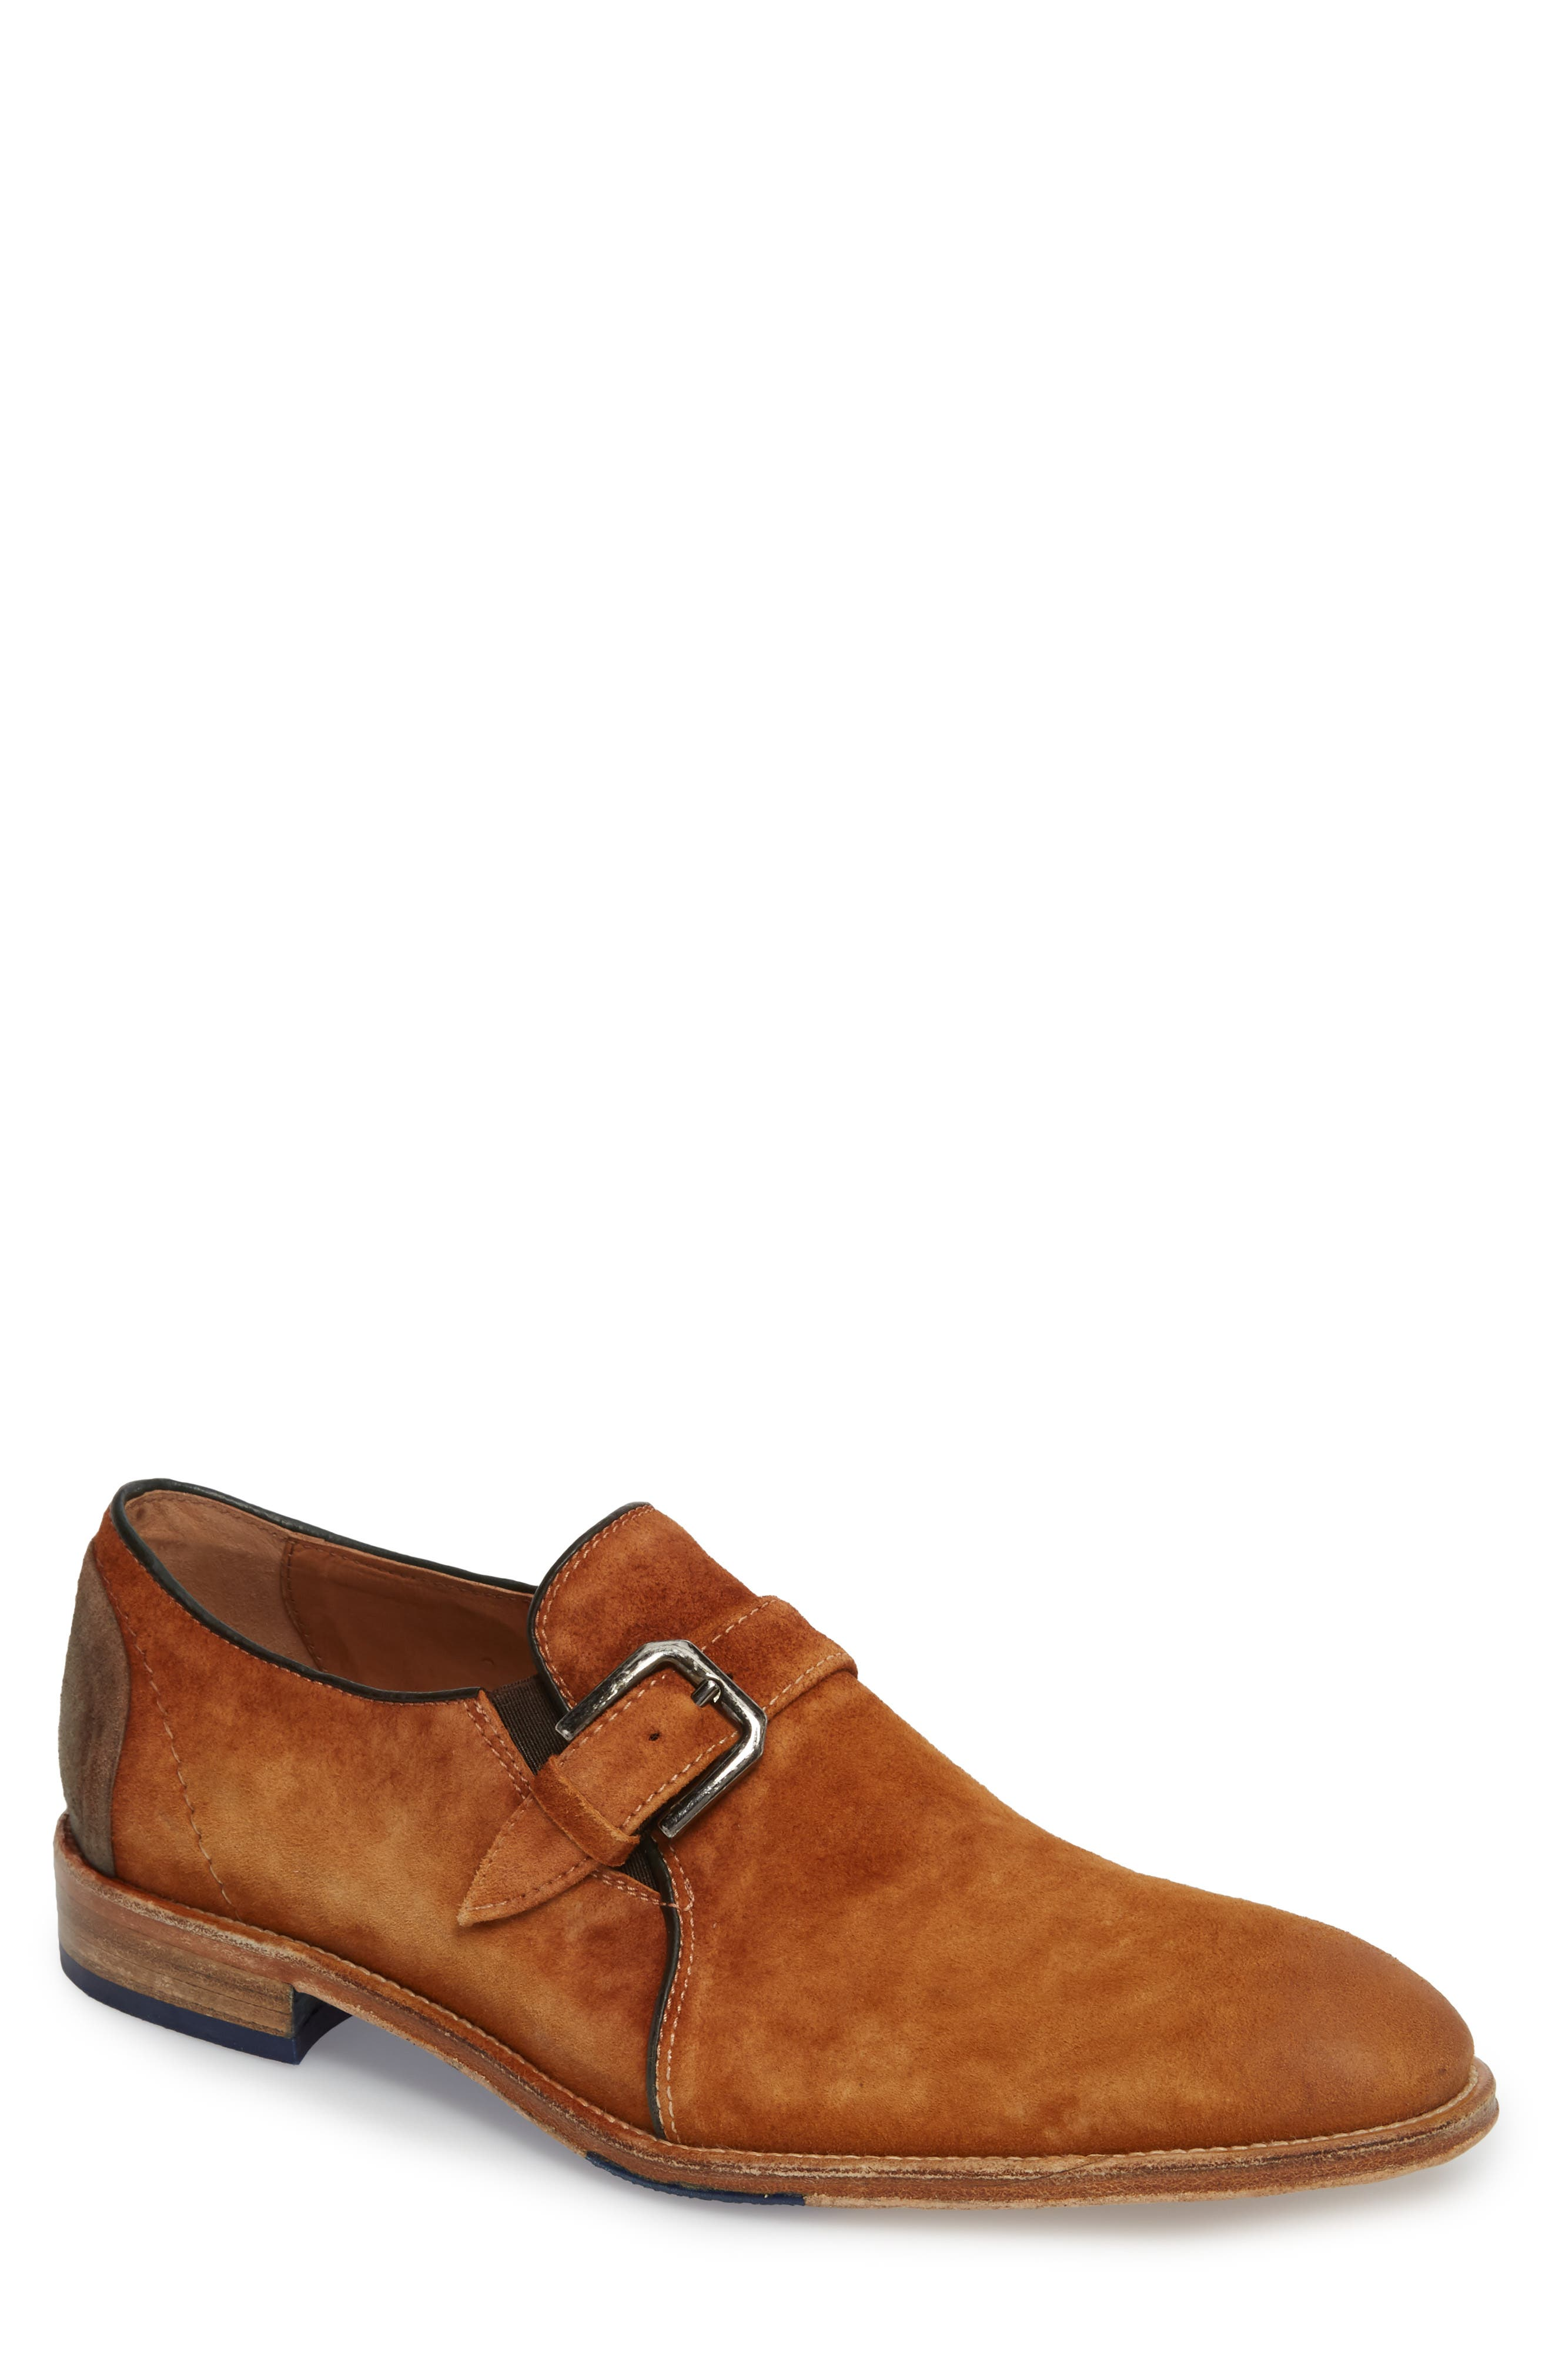 Alex Single Buckle Monk Shoe,                         Main,                         color, Tan Wash Suede